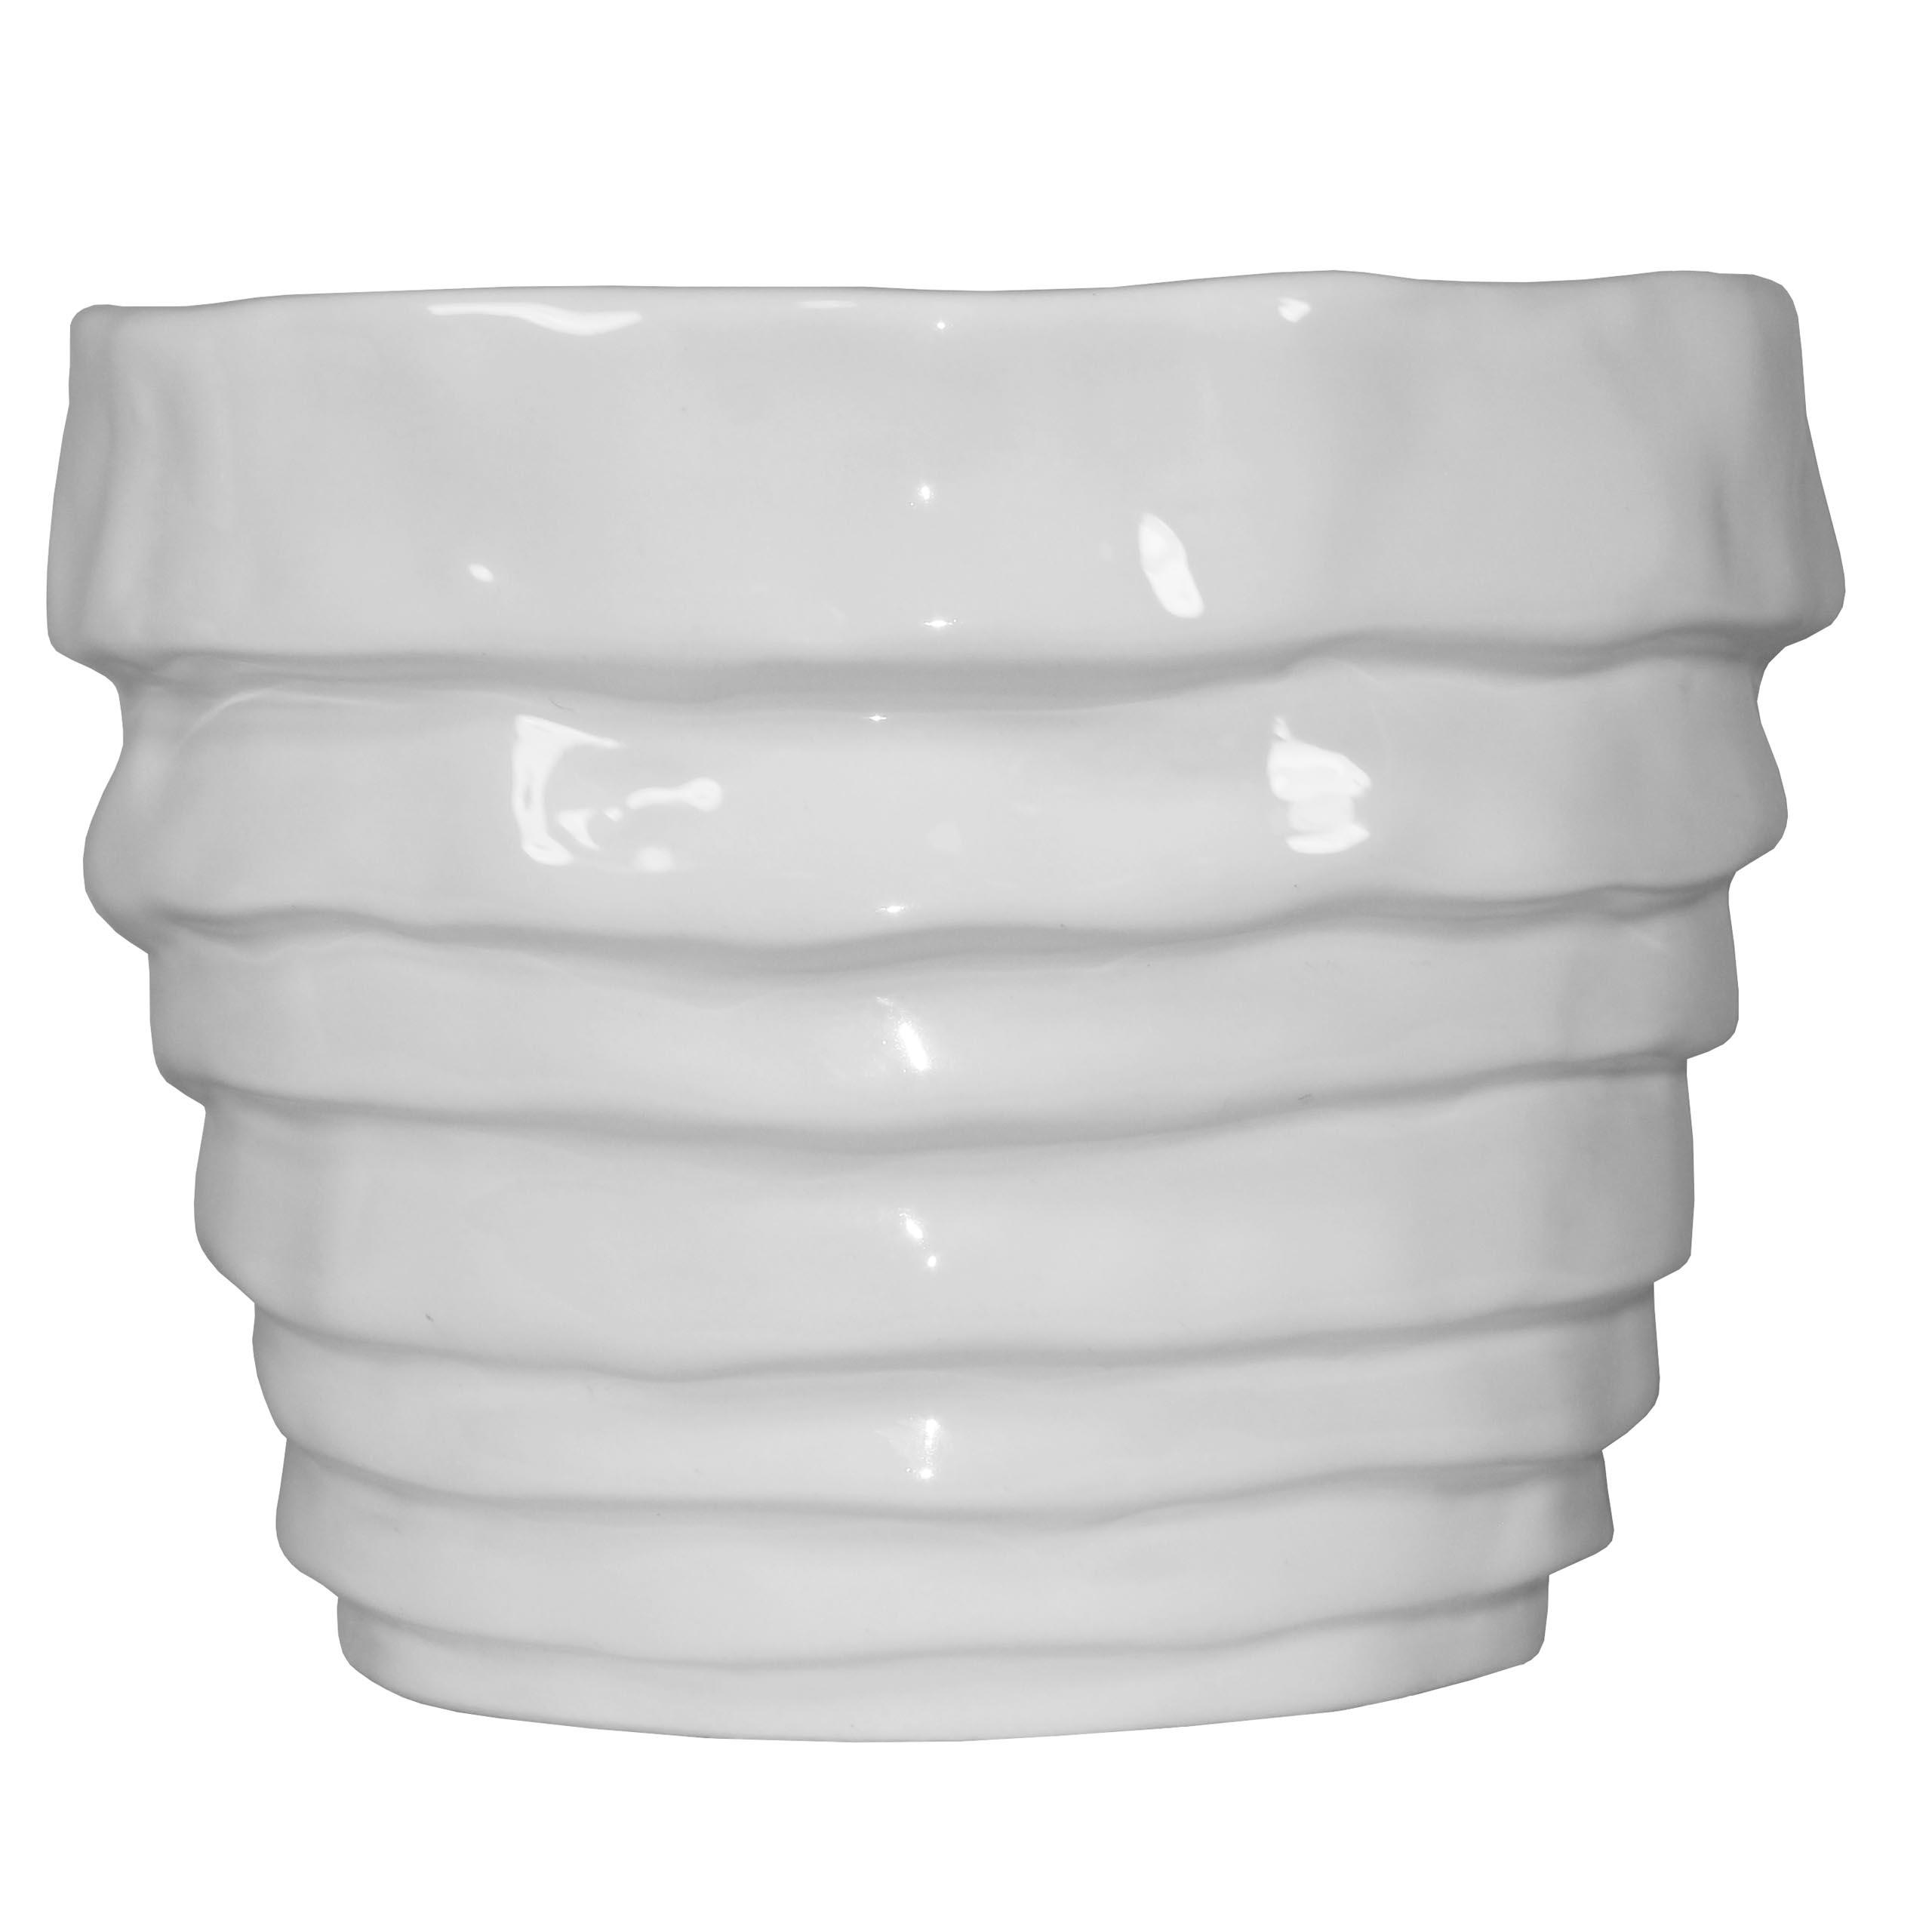 Osłonka Doniczka Ceramiczna Biała 10cm Storczyk X